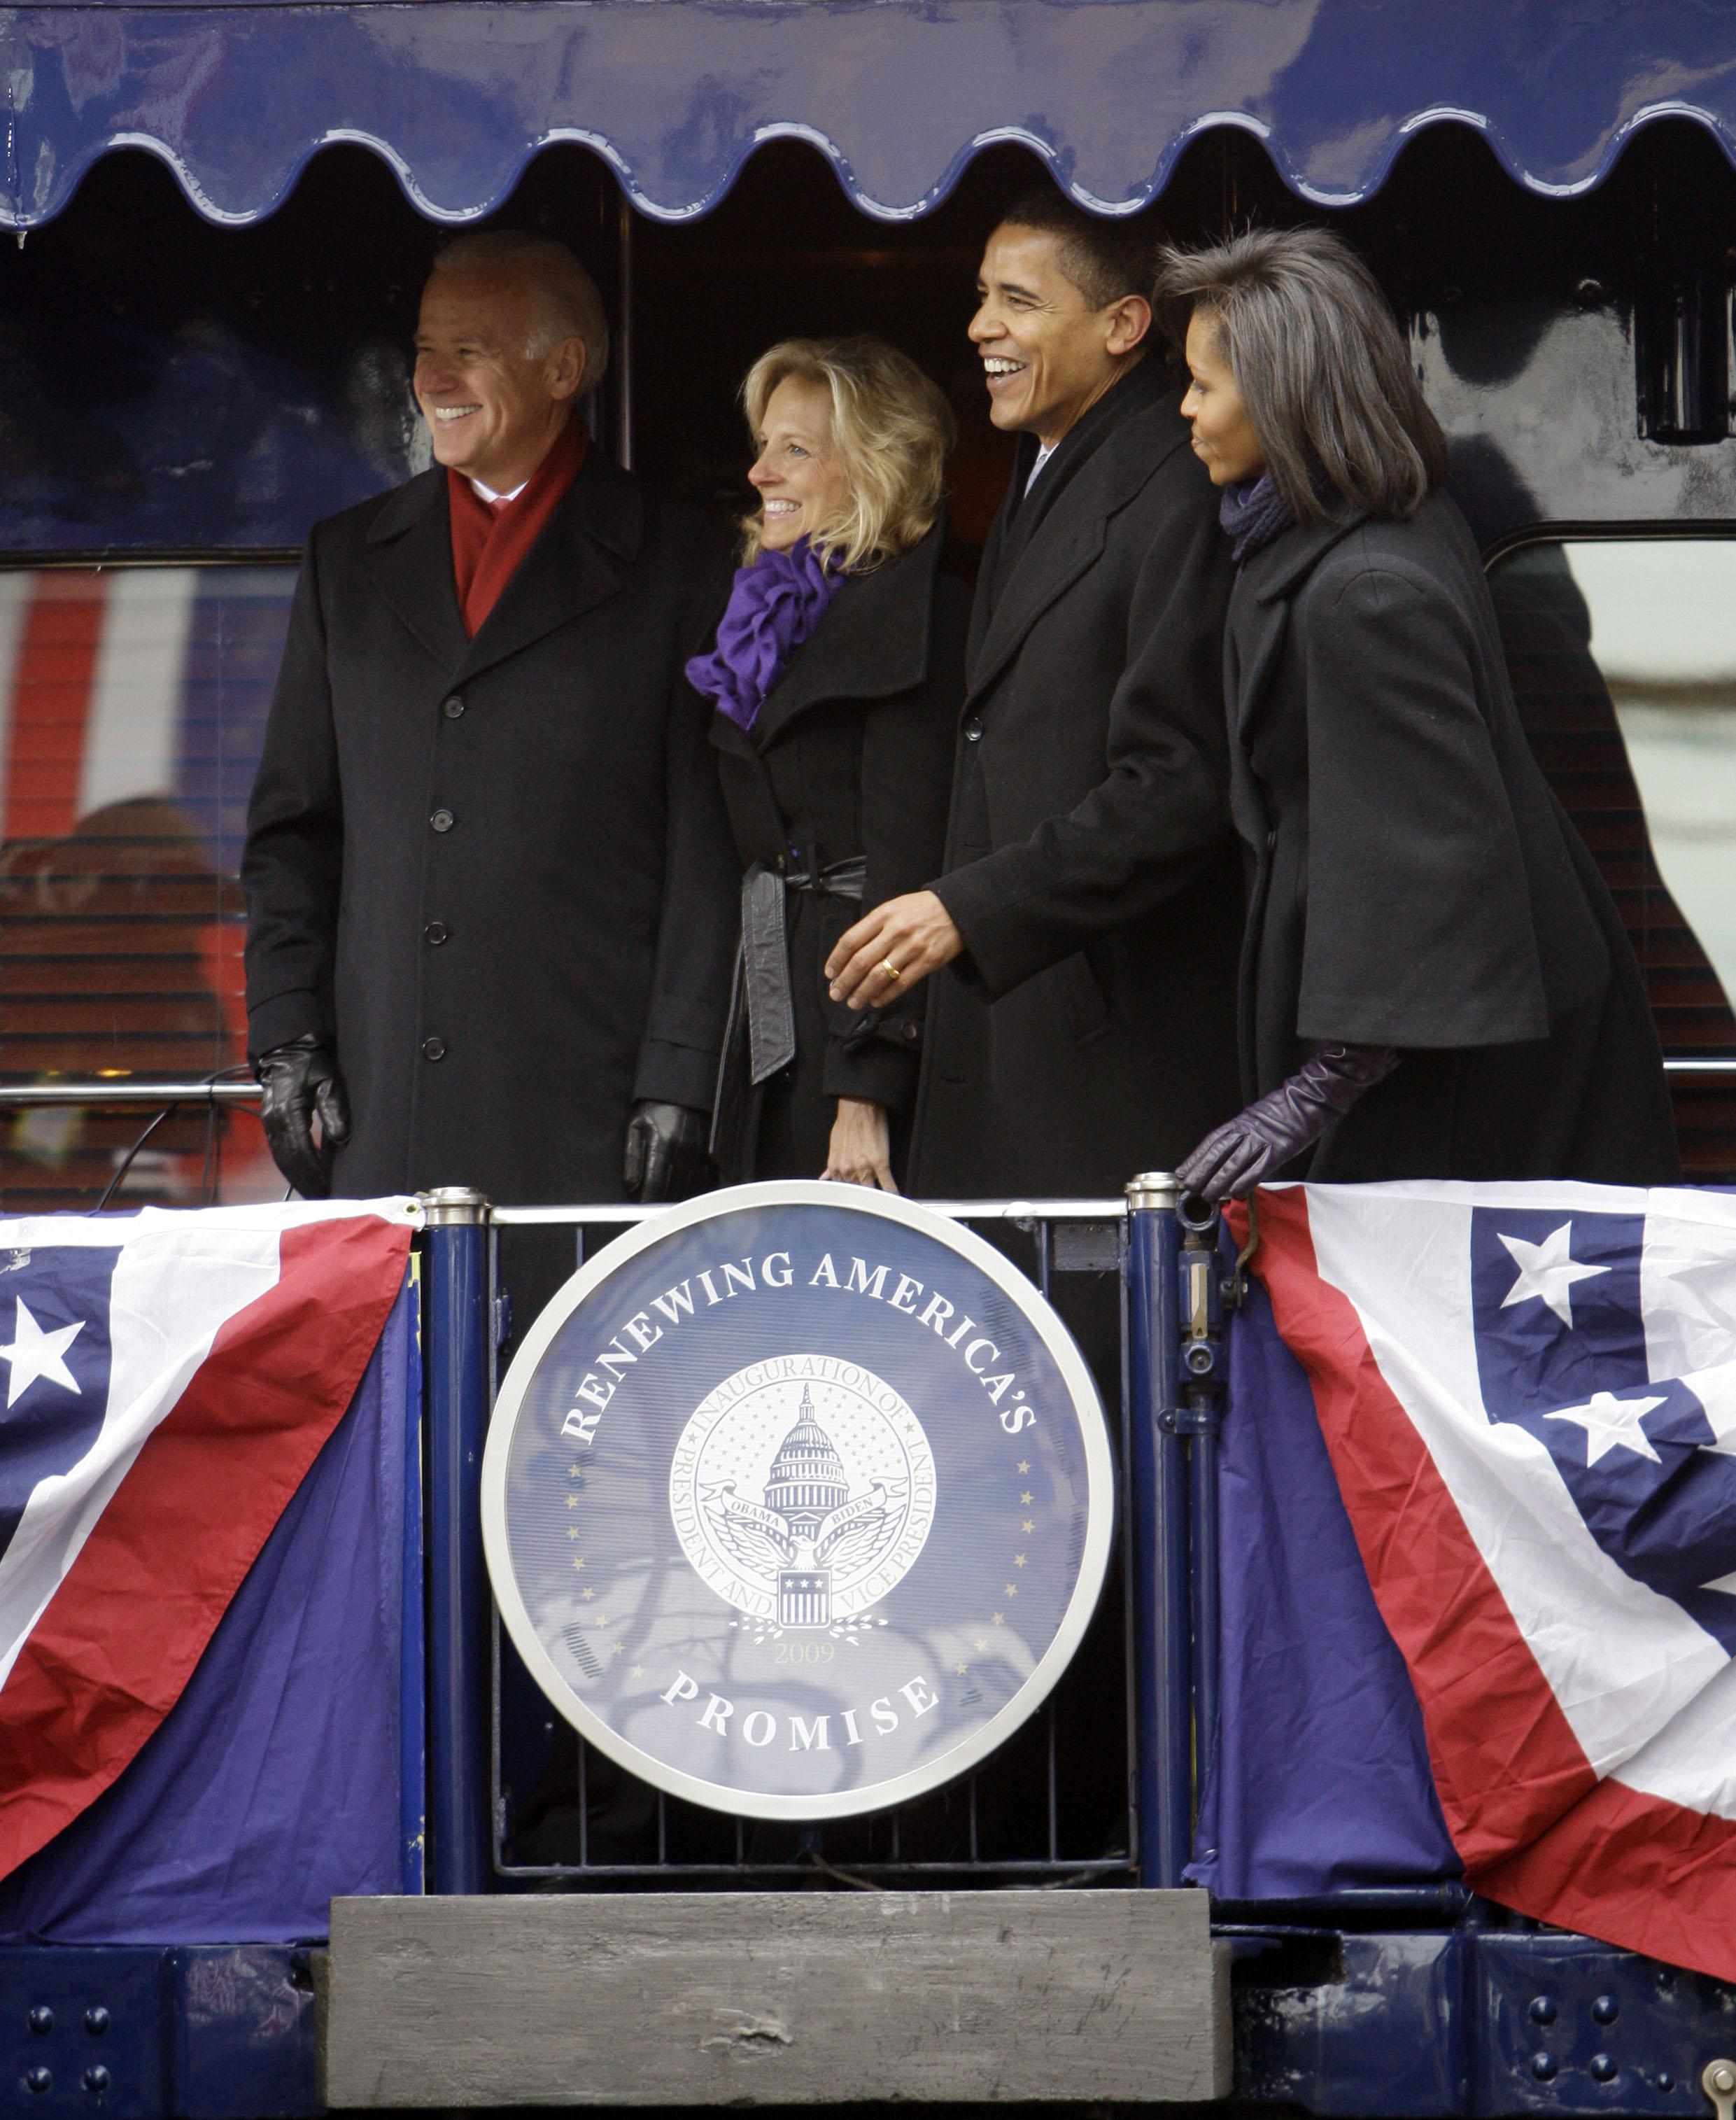 sr 18obamatrain2 01 18 2009 33F6BC0 - Joe Biden the railroad President